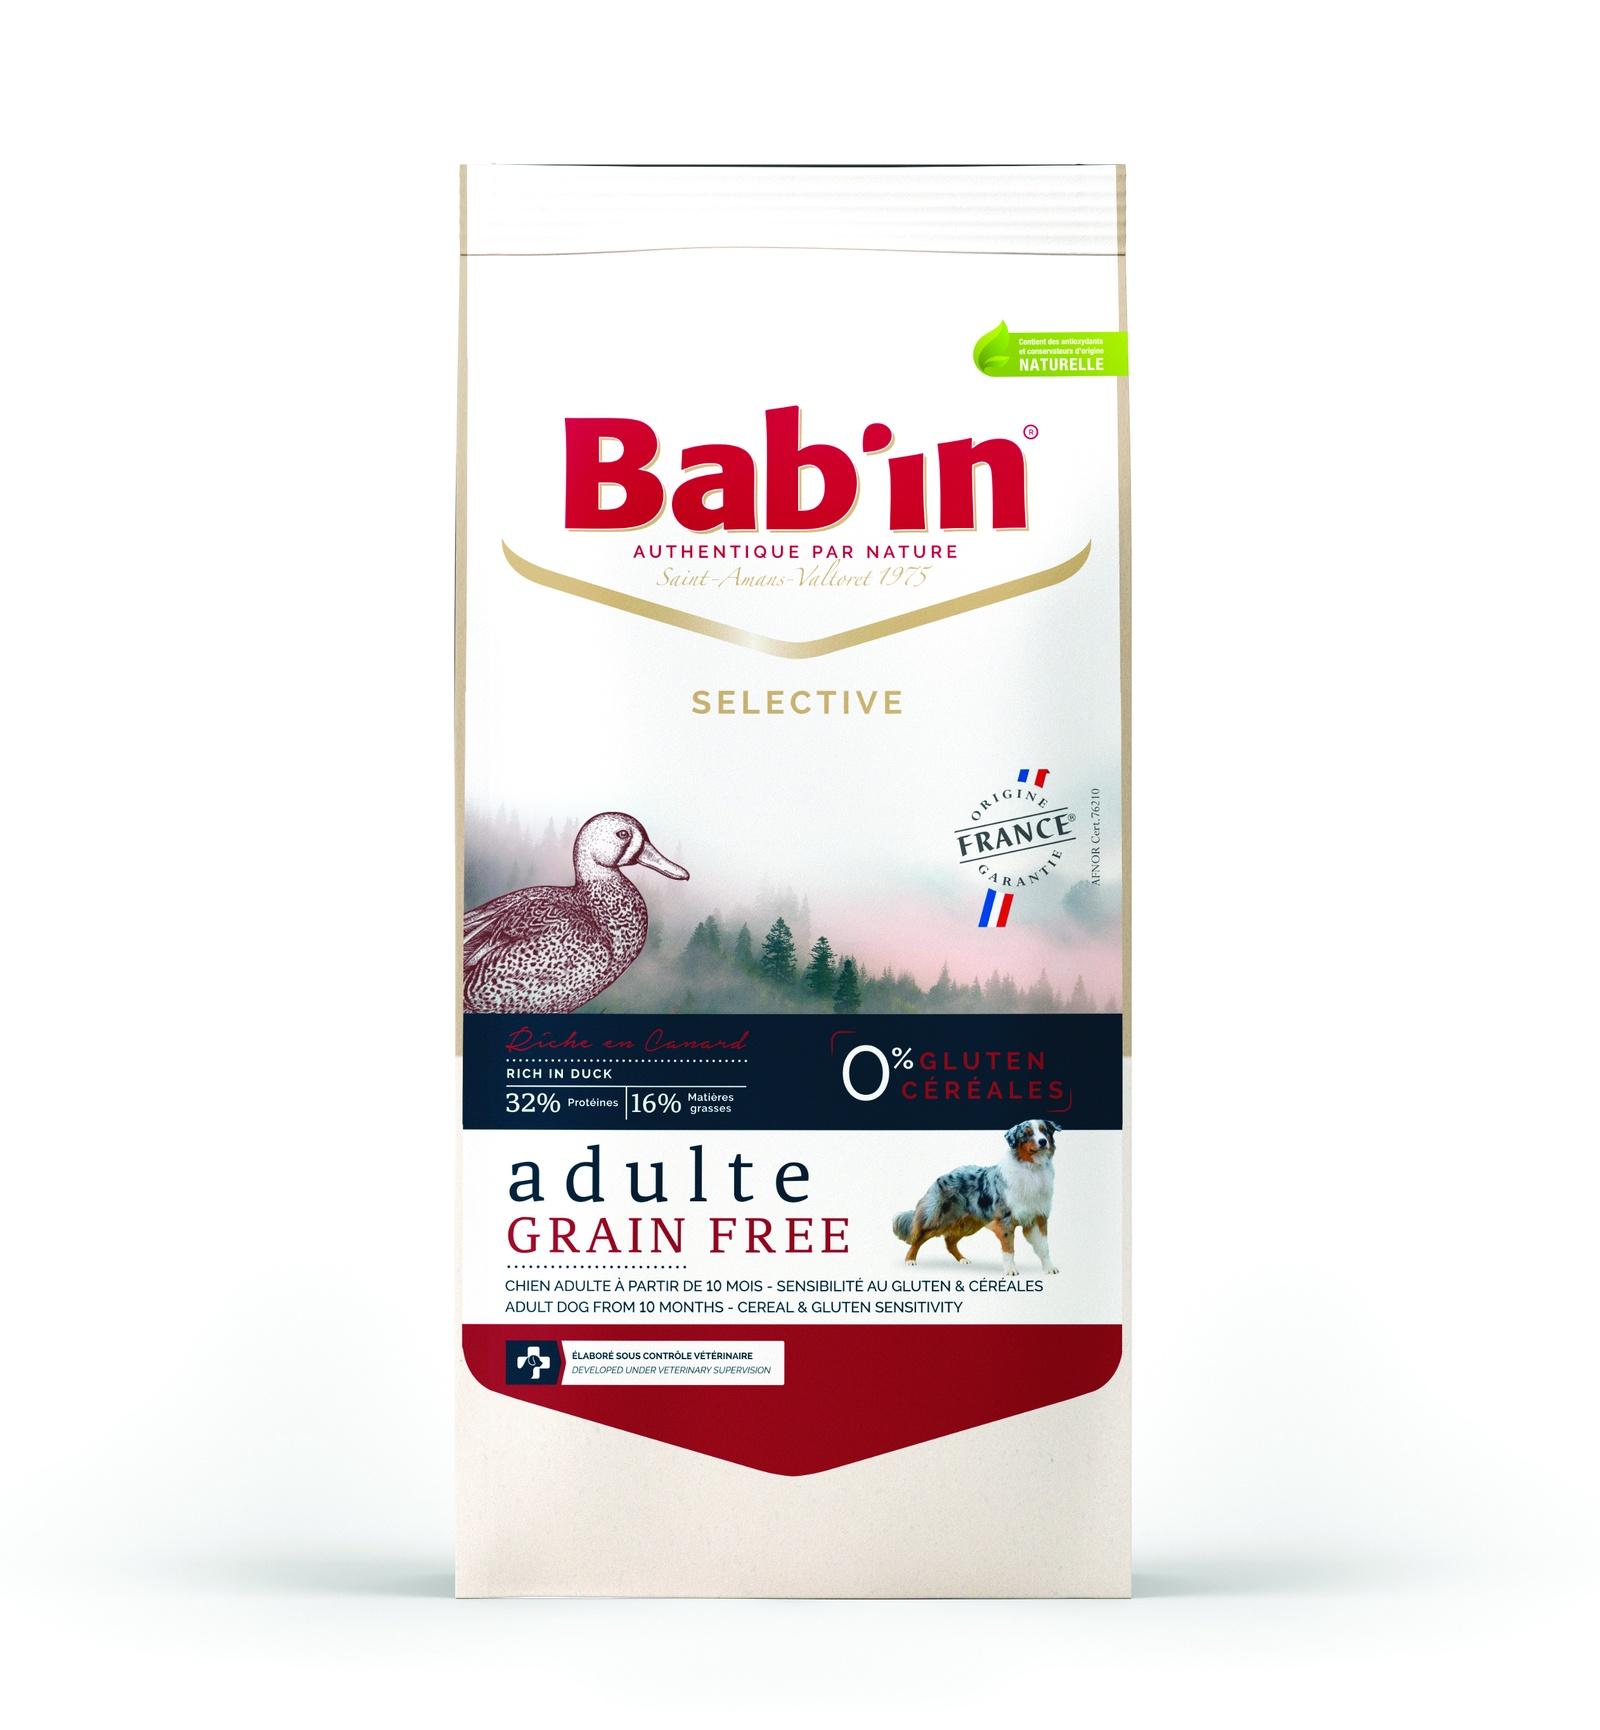 Сухой корм Babin Selective Adulte Grain Free Canard для взрослых собак, 0% глютена и злаков, 3 кг